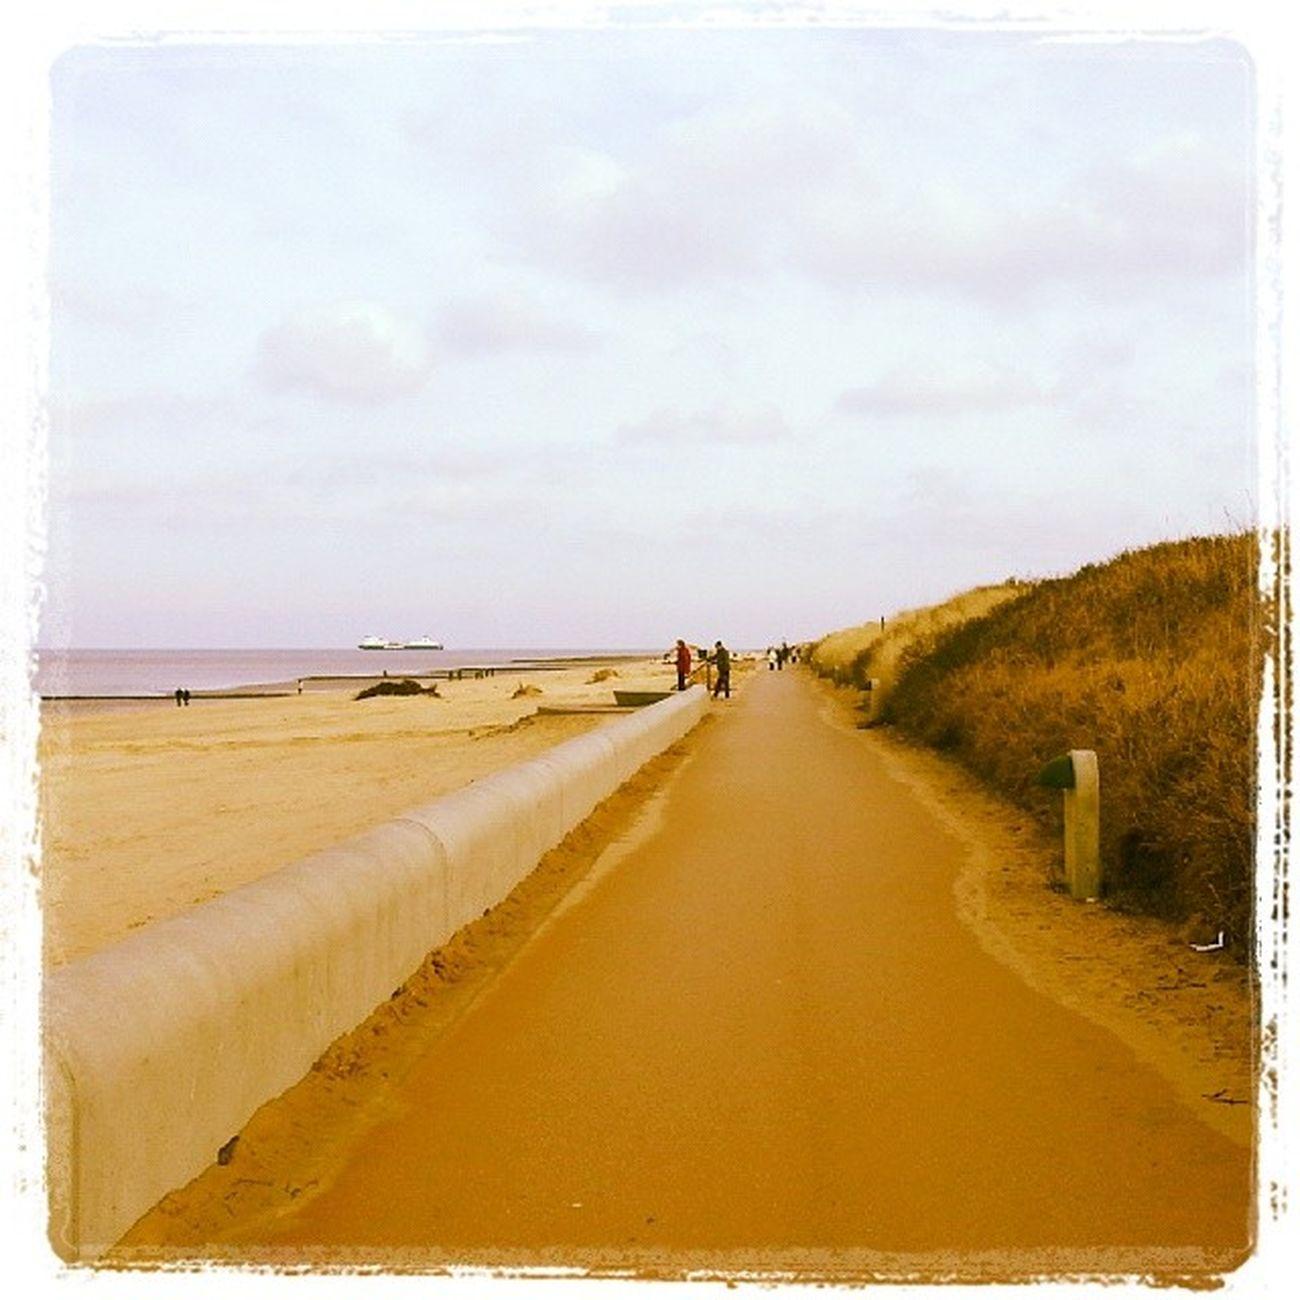 Strandpromenade in Cuxhaven - Dose Cux